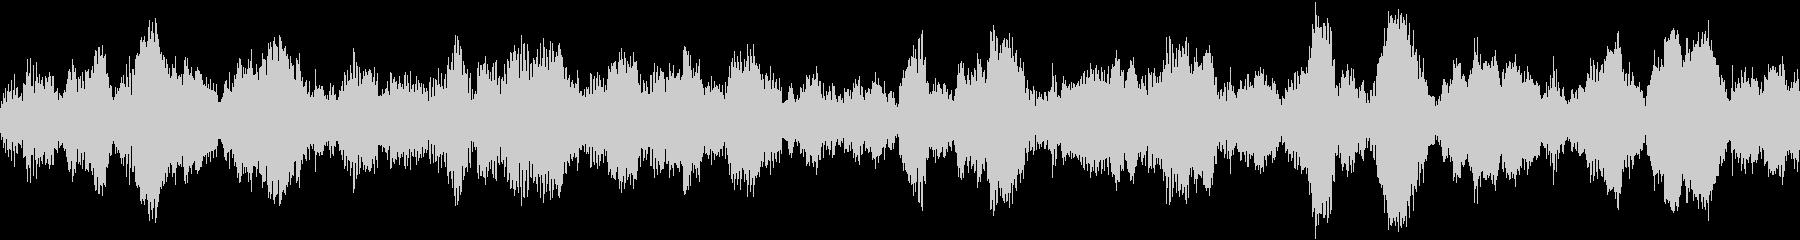 洞窟、不気味なサラウンド音(ループ仕様)の未再生の波形